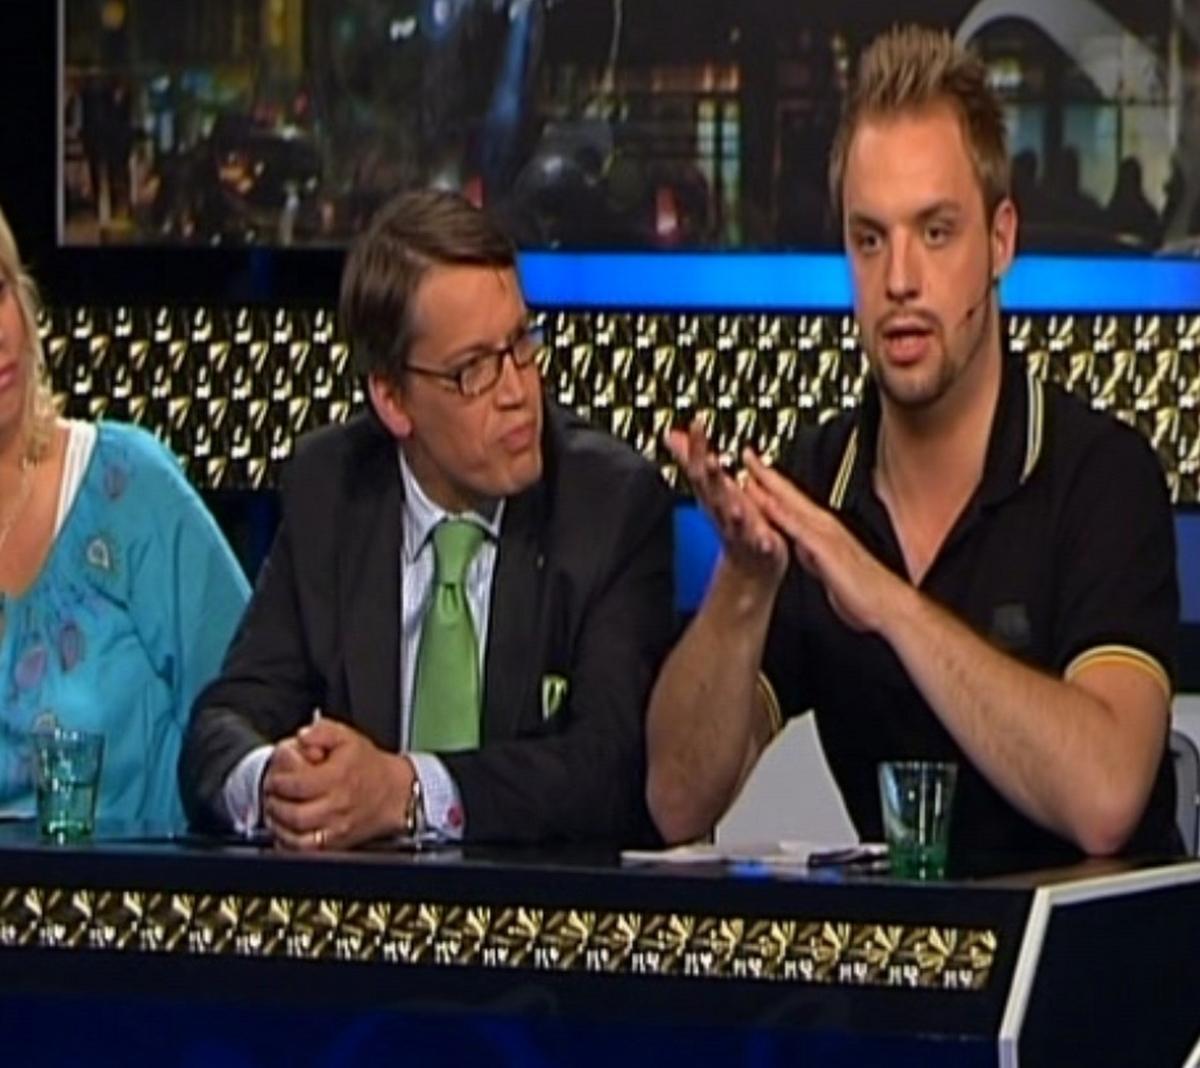 """TAGEN PÅ SÄNGEN I TV Göran Hägglund var inte beredd på Robin Paulssons skämt i """"Extra extra!"""" i TV3. """"Göran blev lite paff"""", säger Robin."""